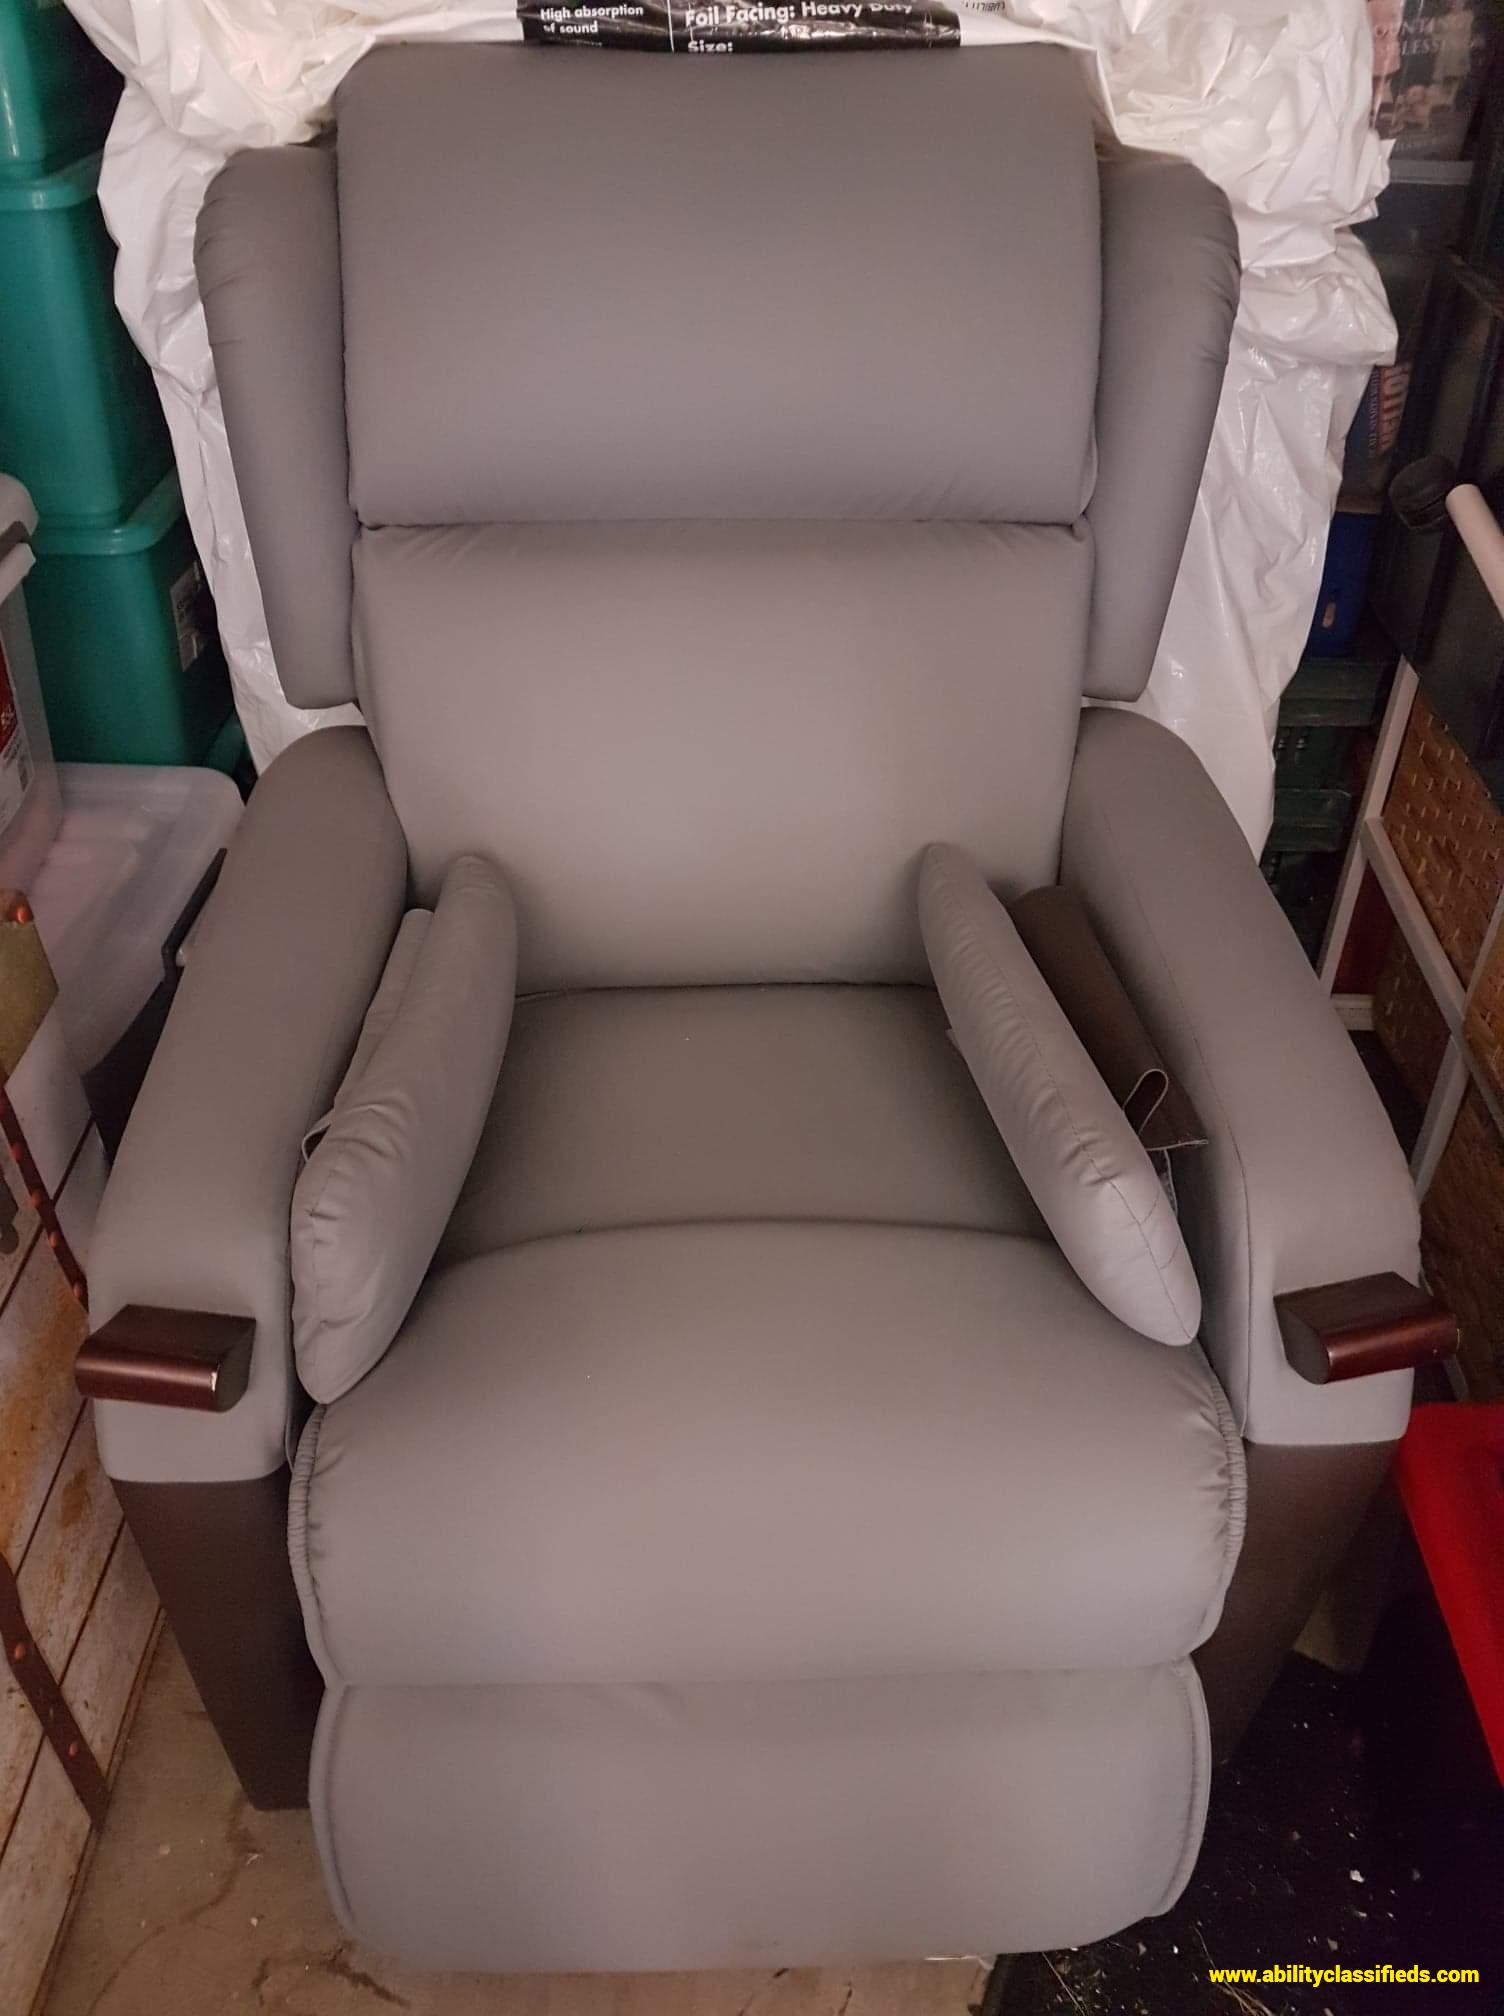 Aspire Air lift chair